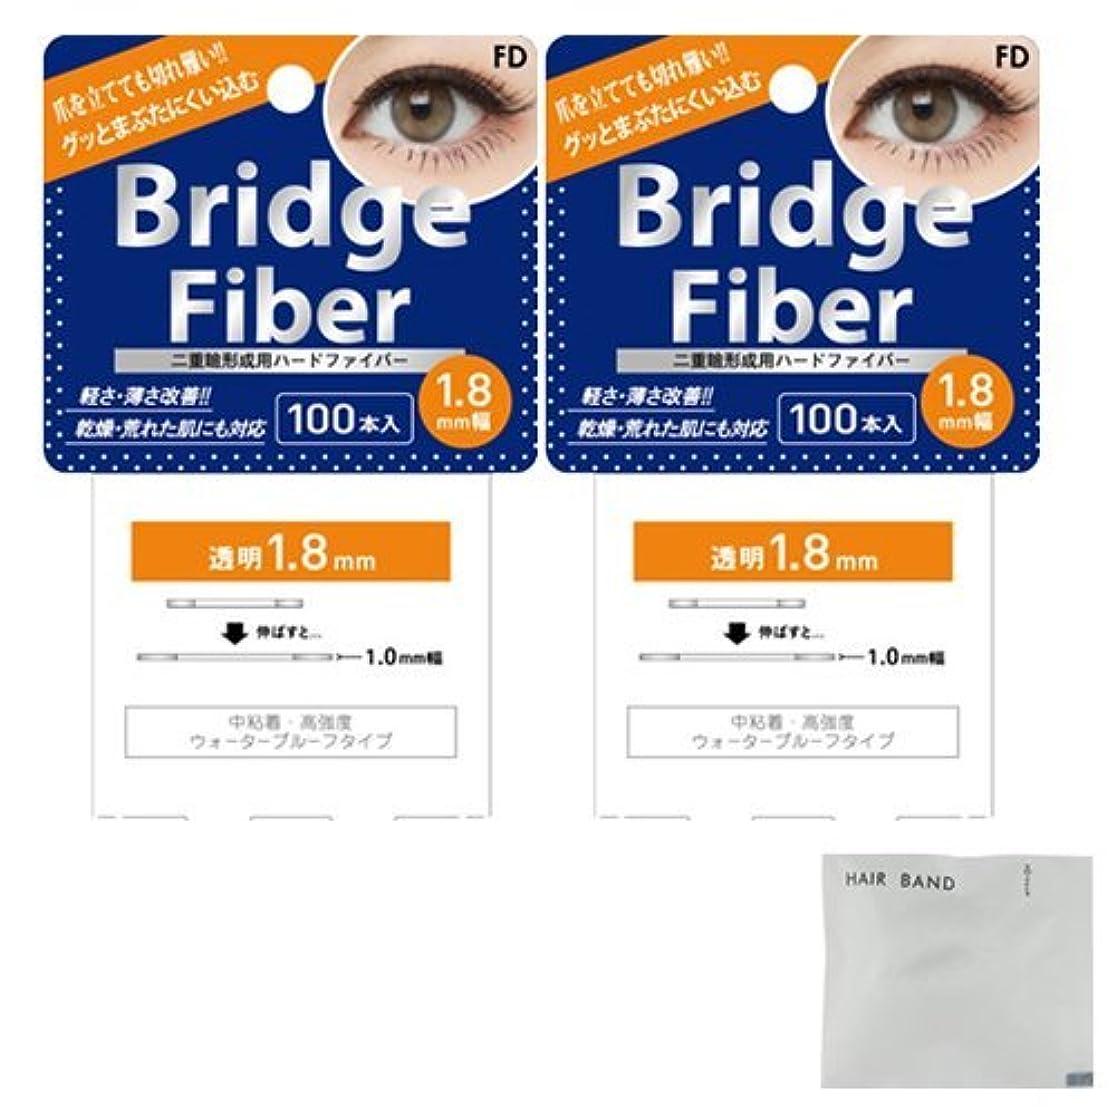 映画中毒非効率的なFD ブリッジファイバーⅡ (Bridge Fiber) クリア1.8mm×2個 + ヘアゴム(カラーはおまかせ)セット